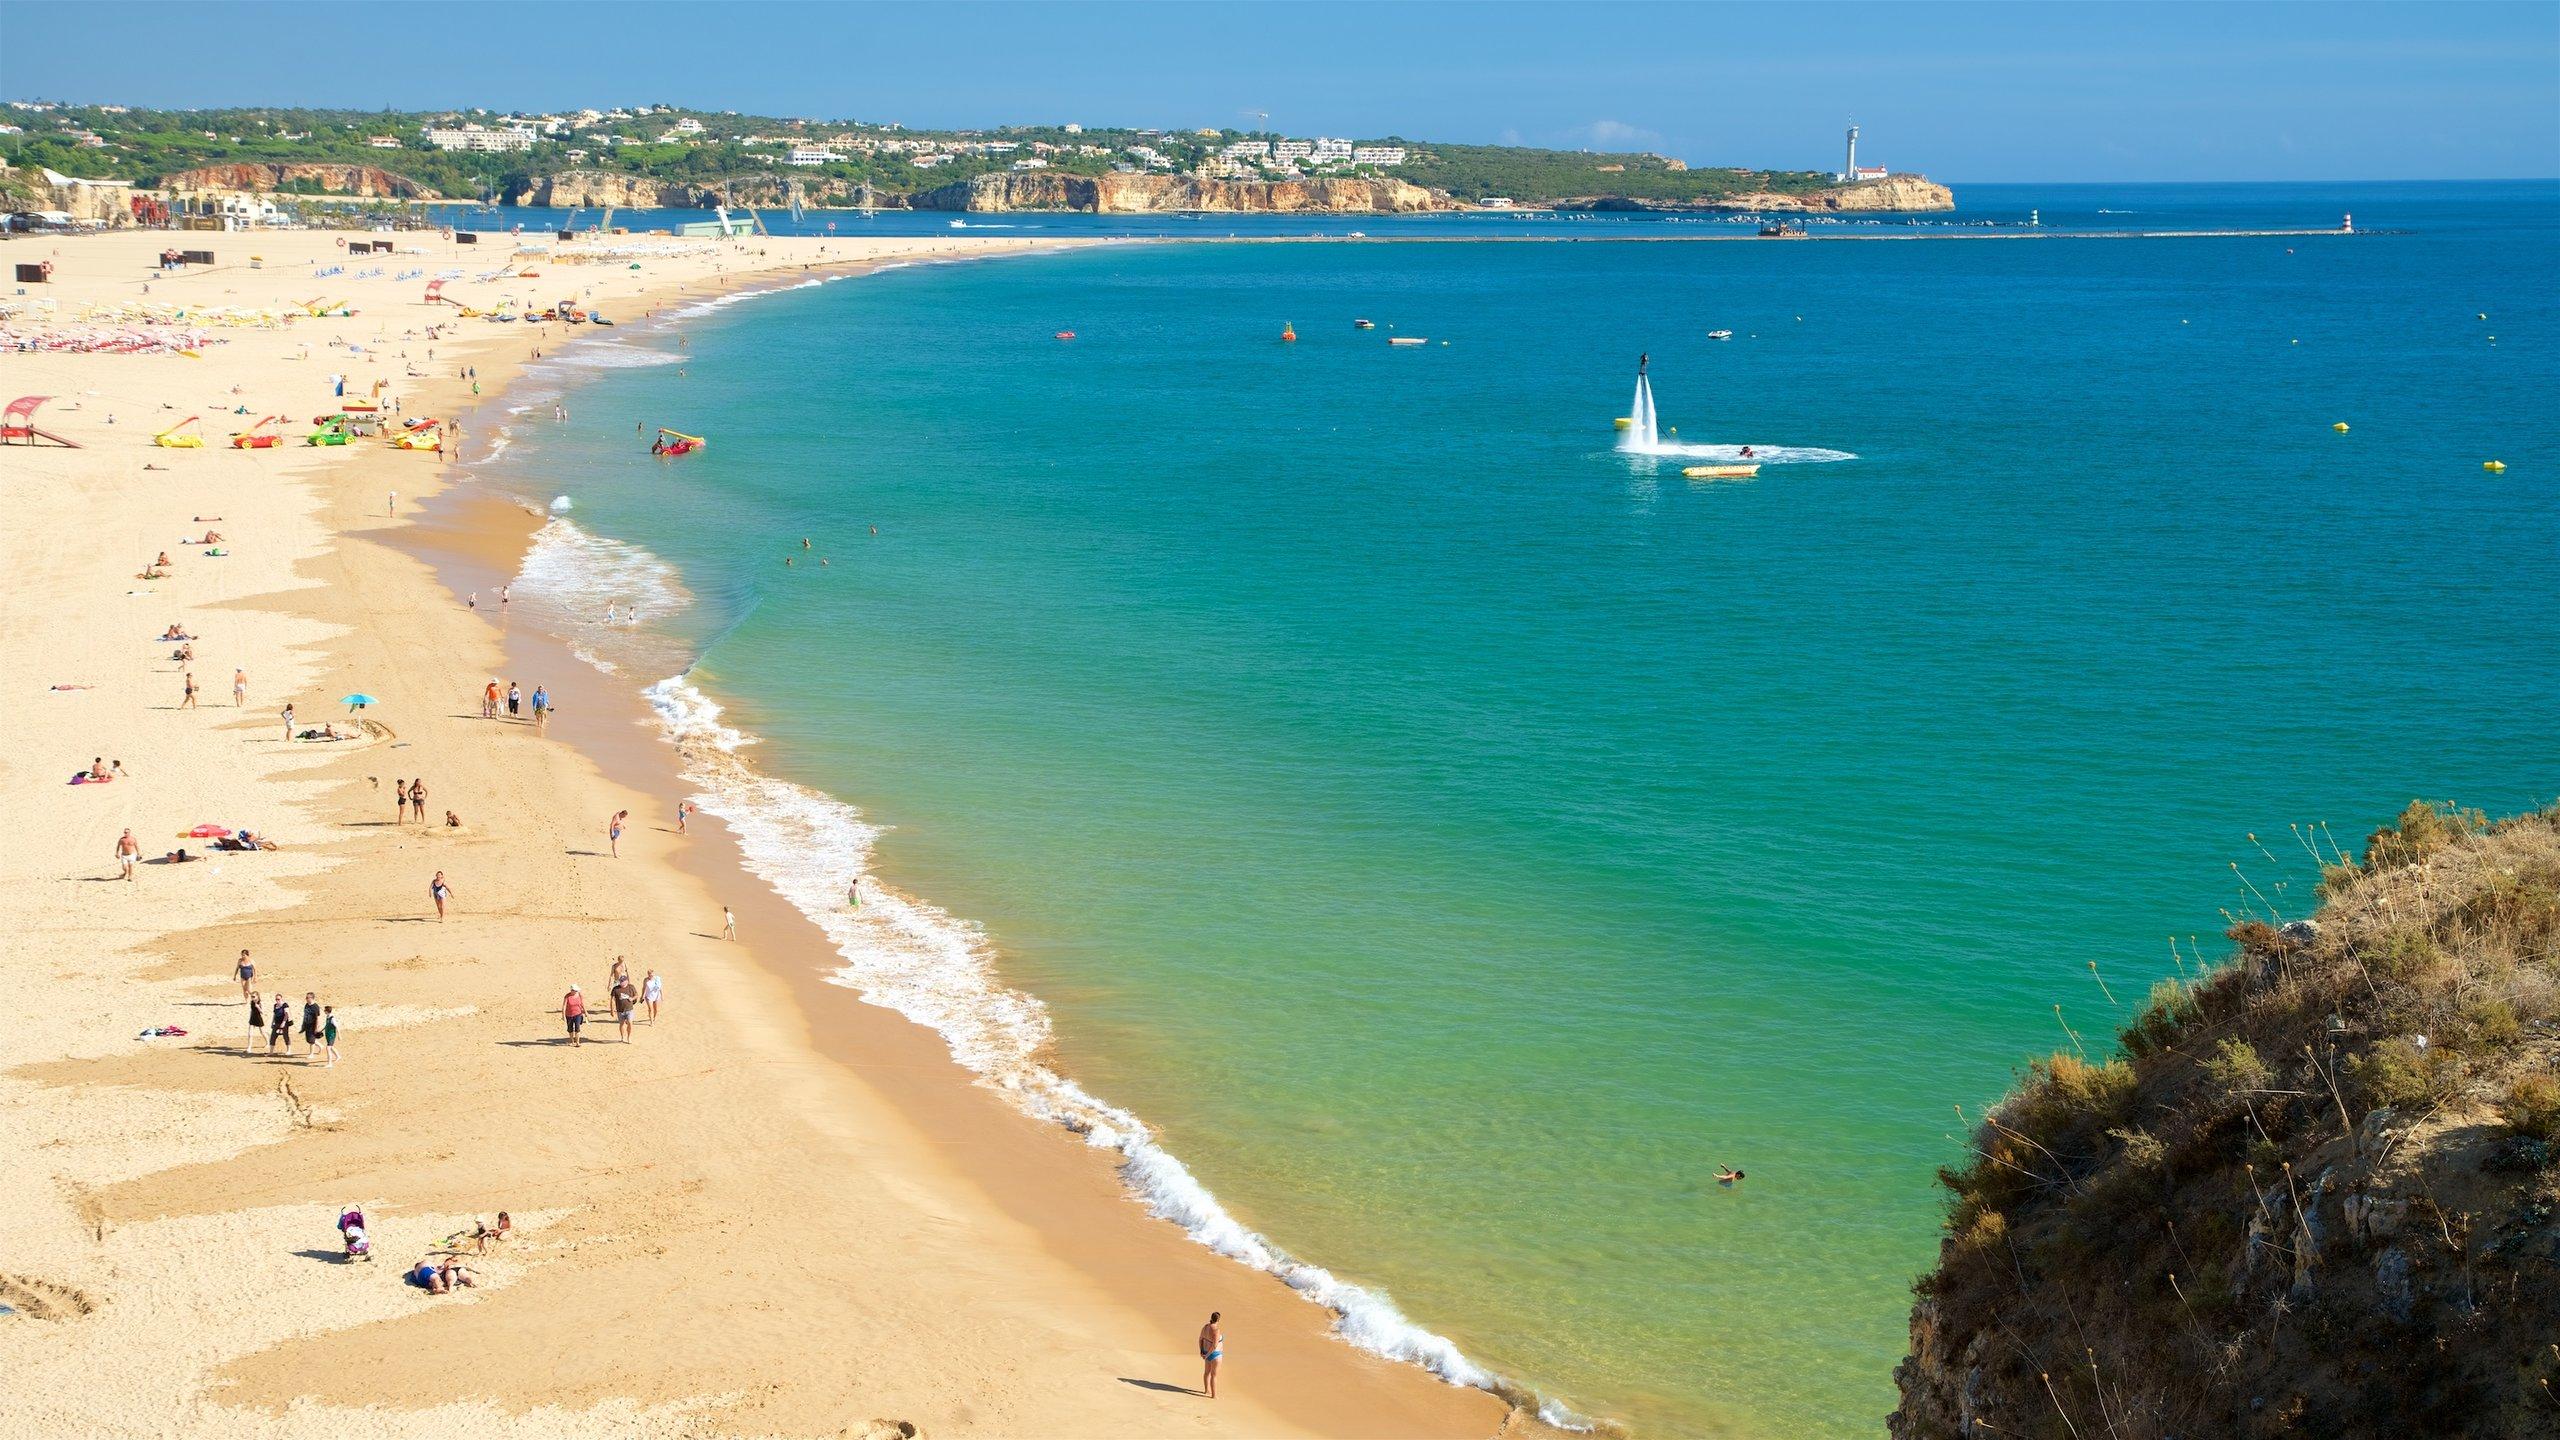 Praia da Rocha, Portimao, Faro District, Portugal